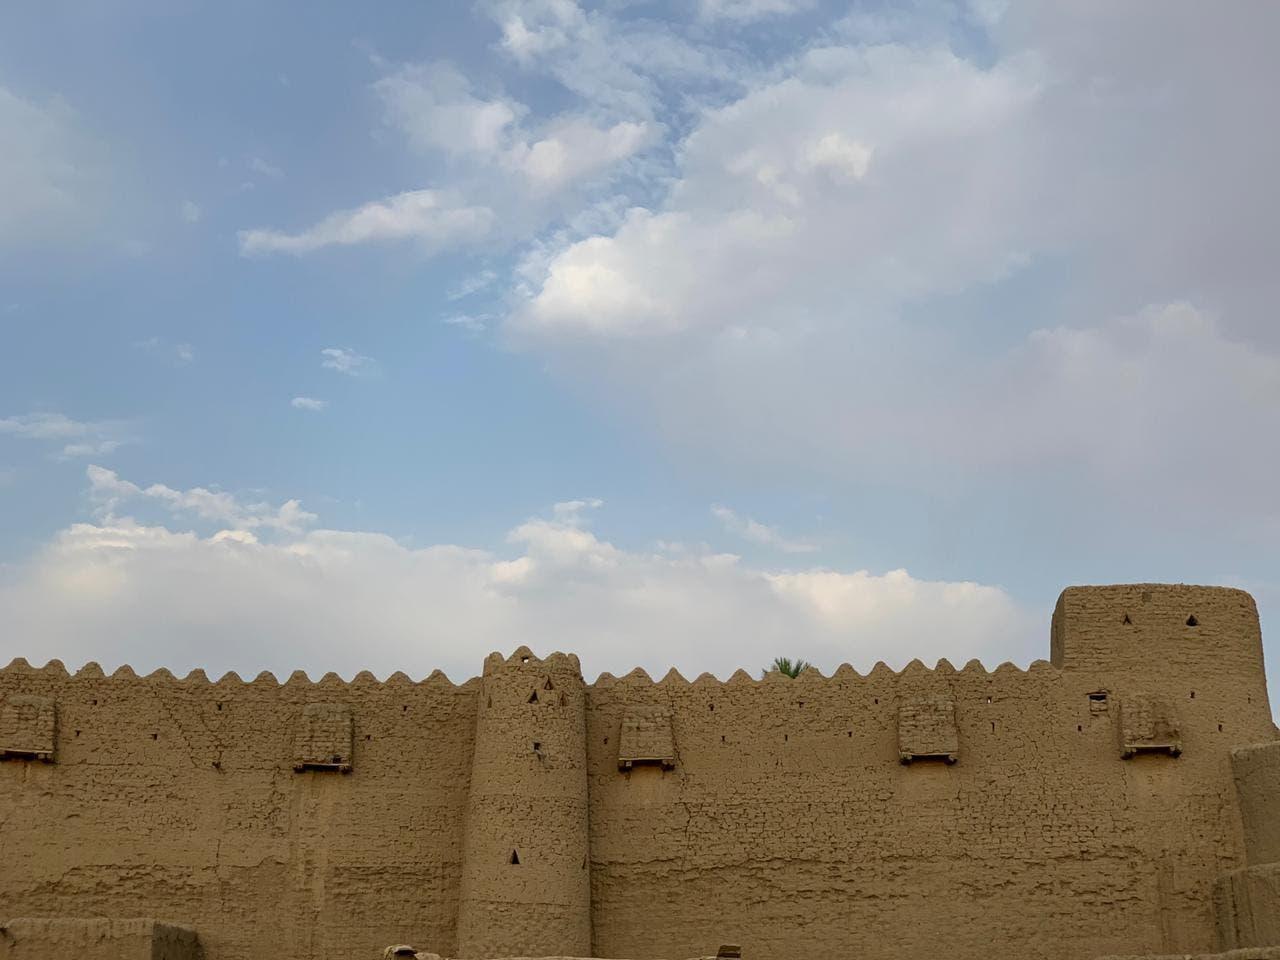 تعرف على تاريخ قصر تاريخي في شمال المملكة العربية السعودية امتد لأكثر من 100 عام